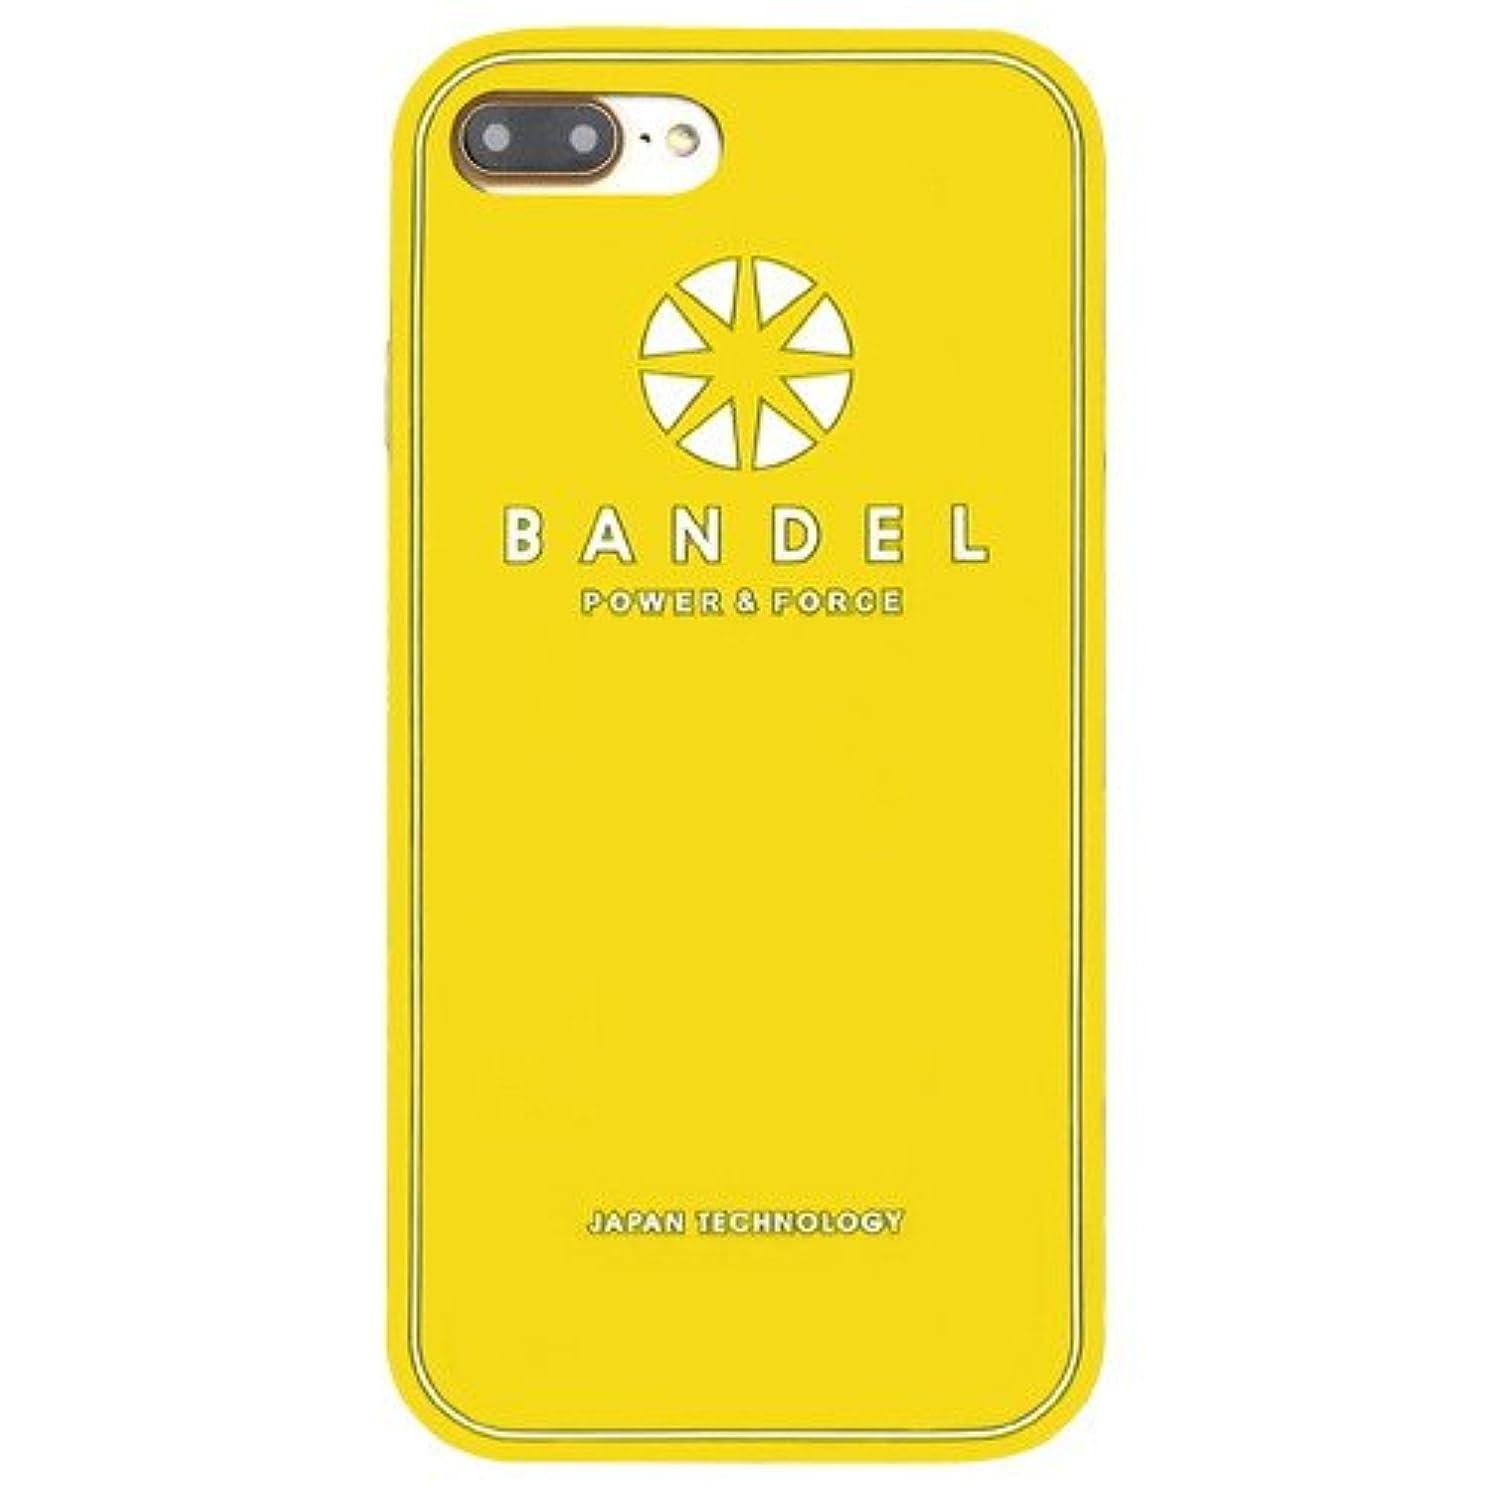 マウスピース東キャンペーンバンデル(BANDEL) スカル iPhone 7 Plus専用 シリコンケース [イエロー]